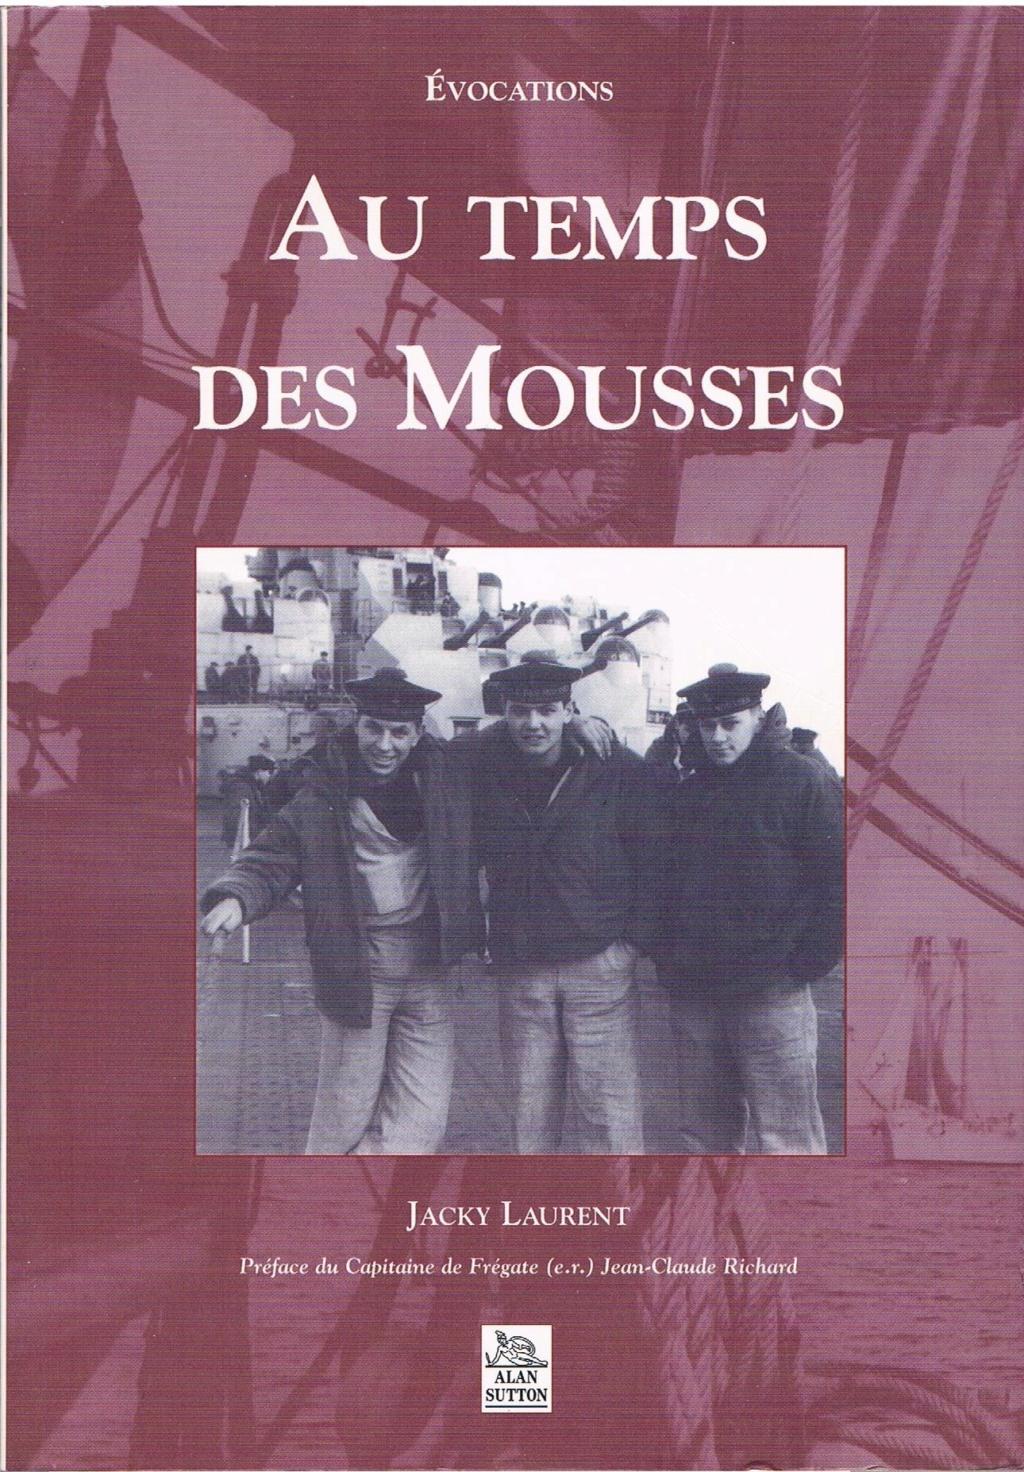 [ École des Mousses ] École des mousses promotion 72/73 - Page 2 00124